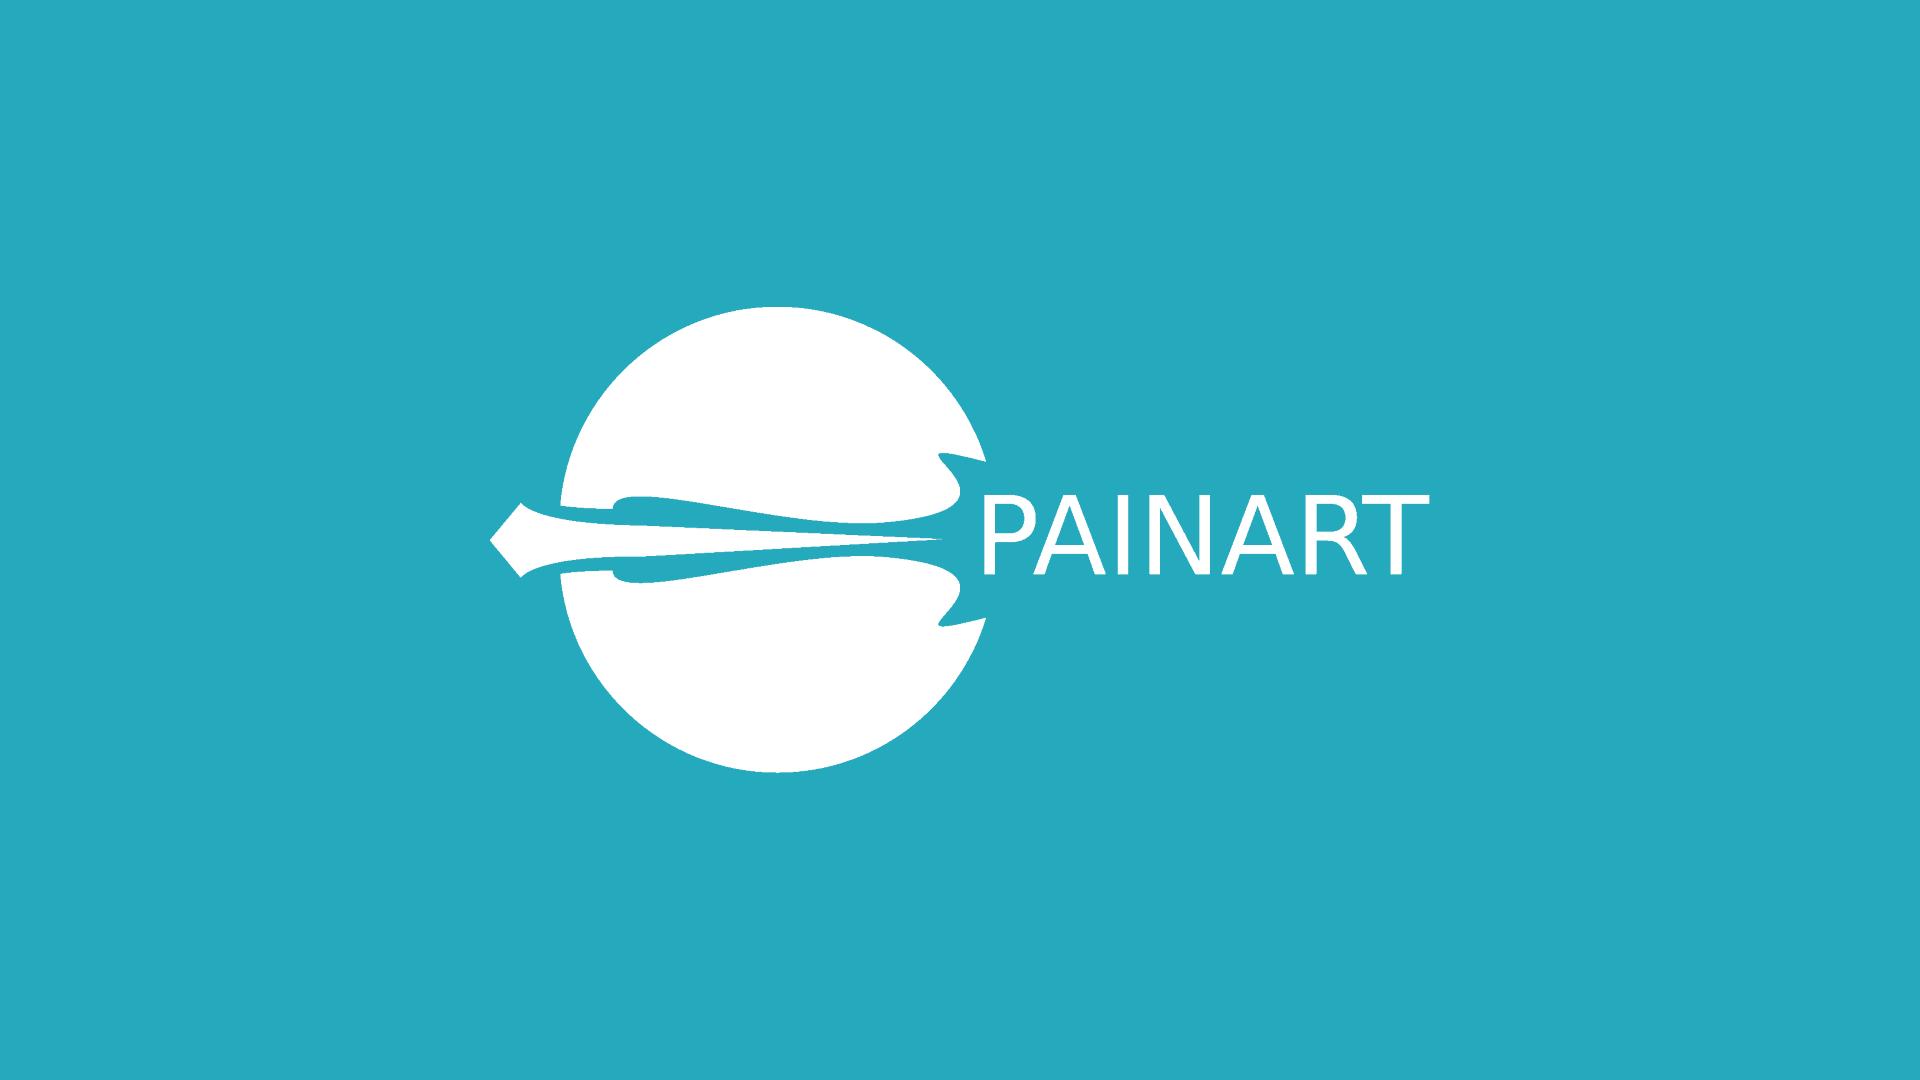 Pain Art Party!